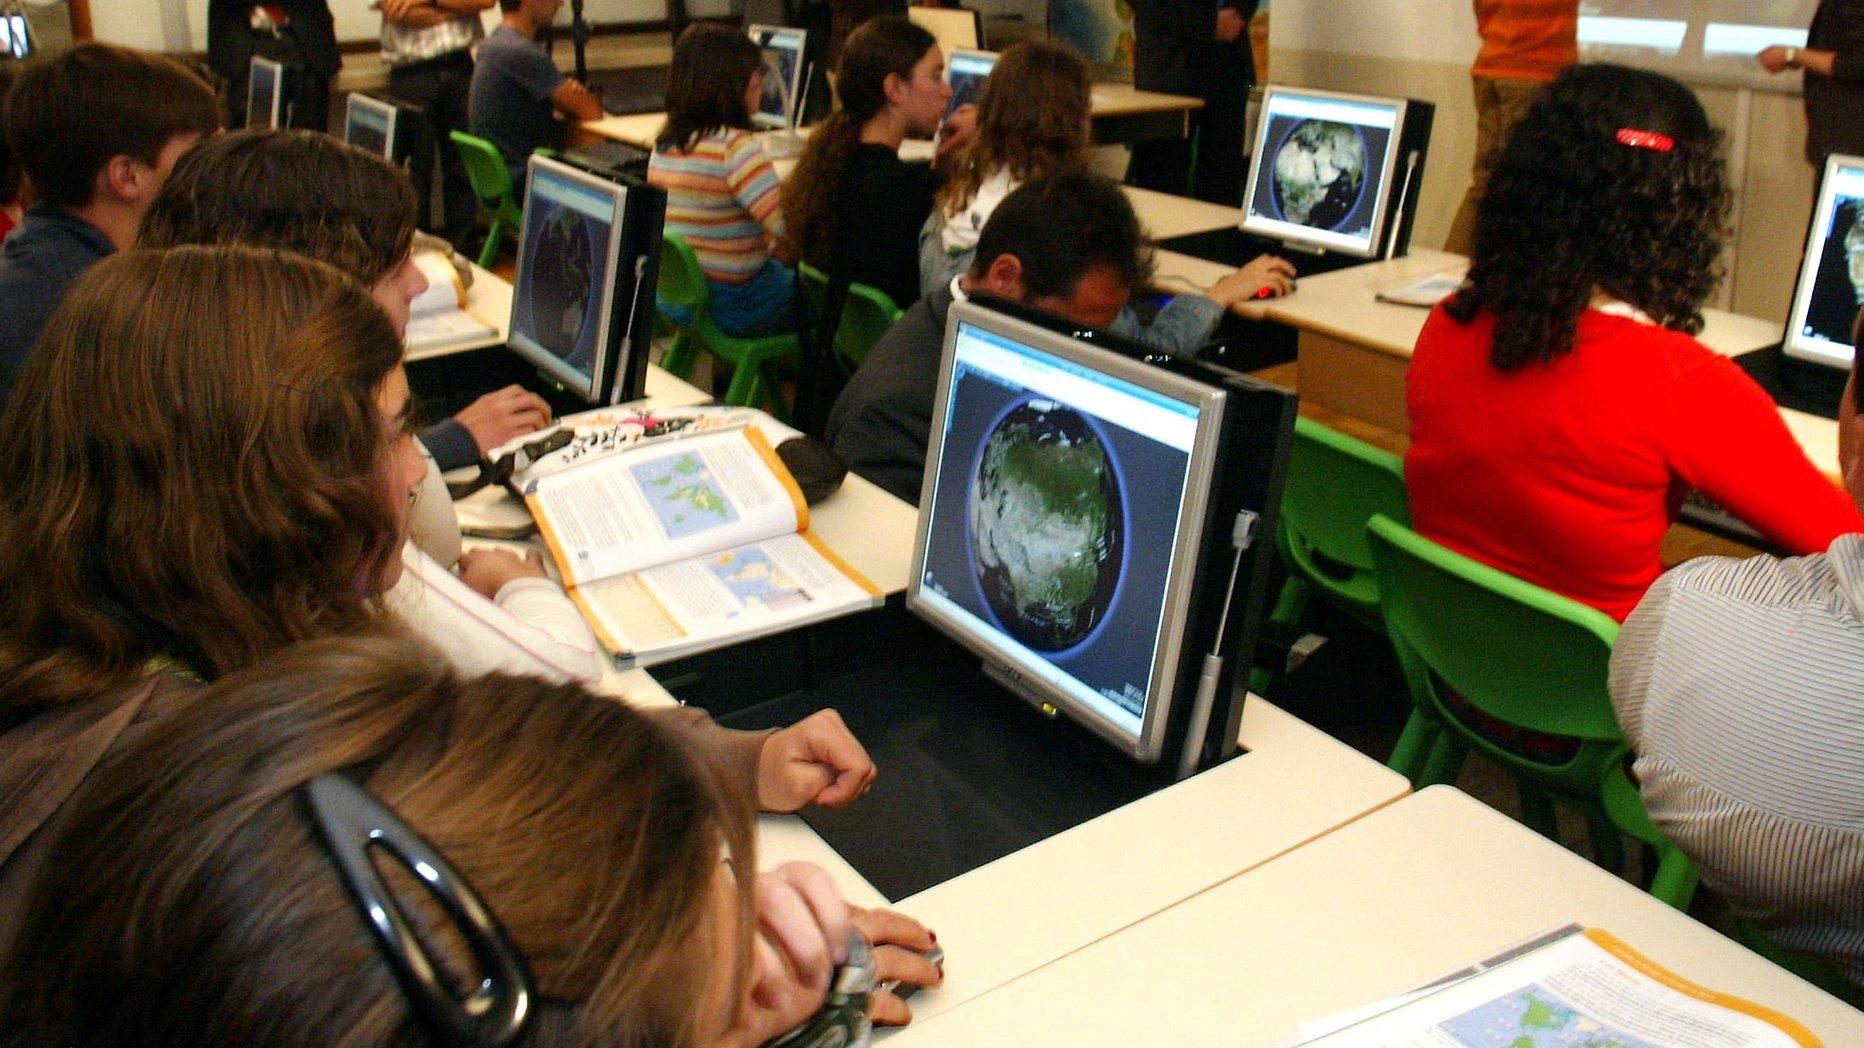 Uma aluna assiste a uma aula de geografia com utilizacao de computadores, na Escola Andre Gouveia, integrada no Projecto Piloto no âmbito do Plano Tecnológico Escolas, 16 de Junho de 2008,em Évora. NUNO VEIGA/LUSA